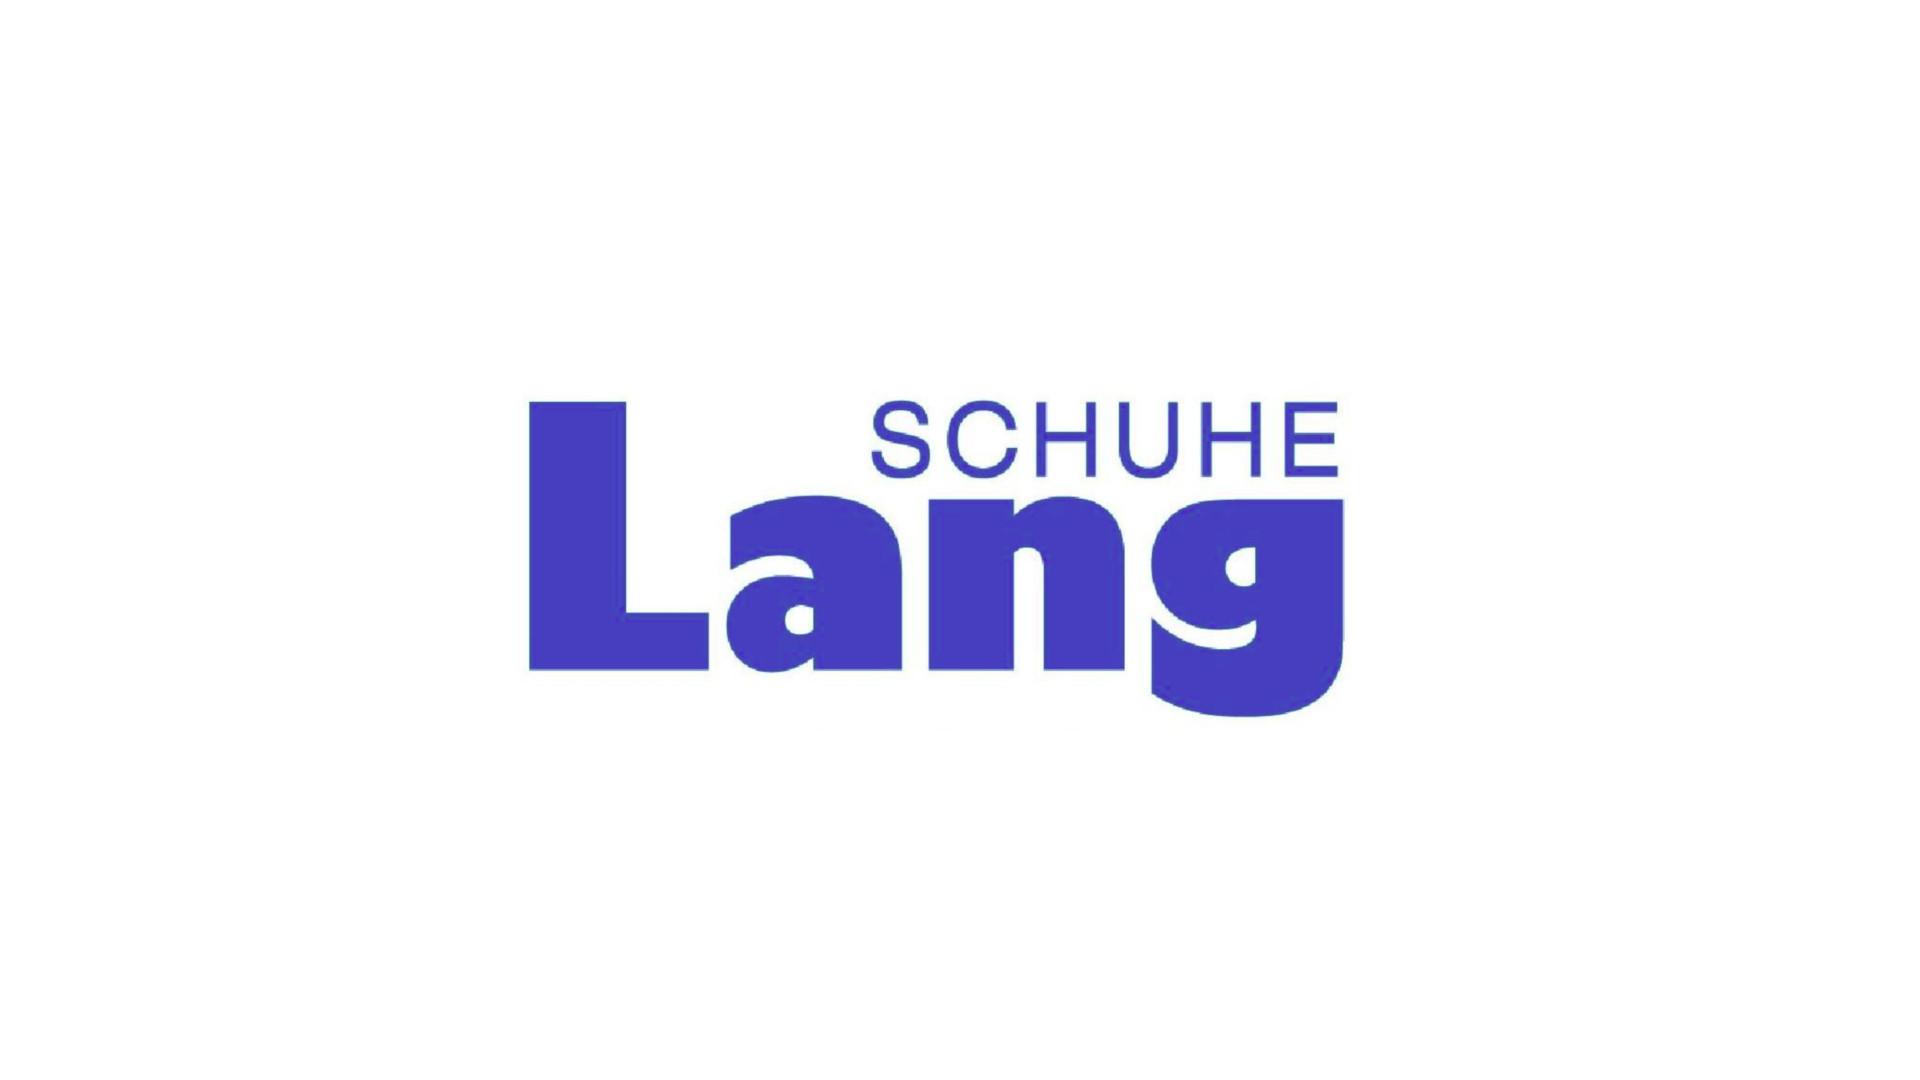 Schuhe | Schuhe Lang | Saarland